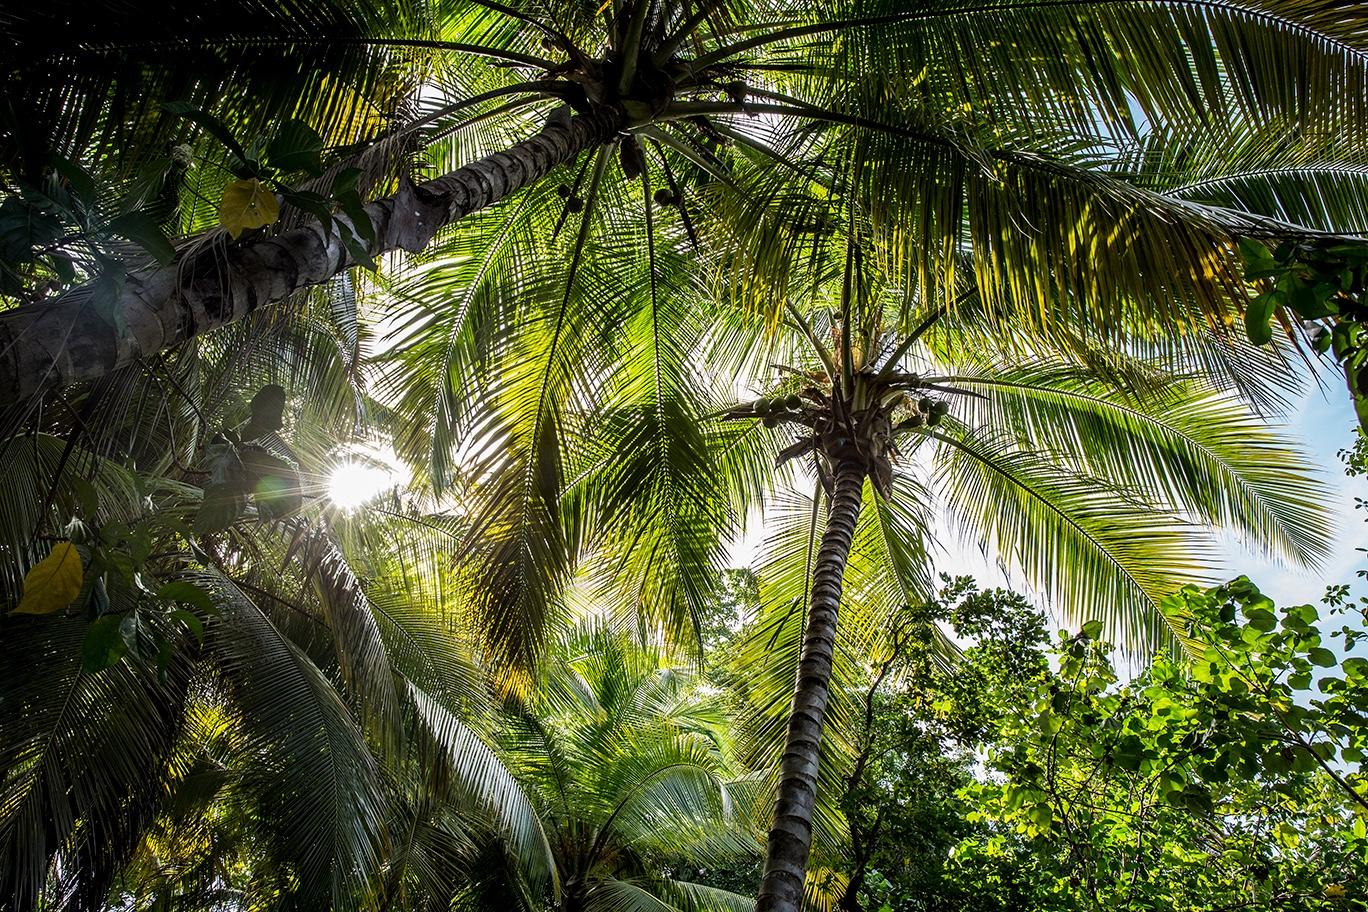 dominicana-patrycja-borzecka-photo01